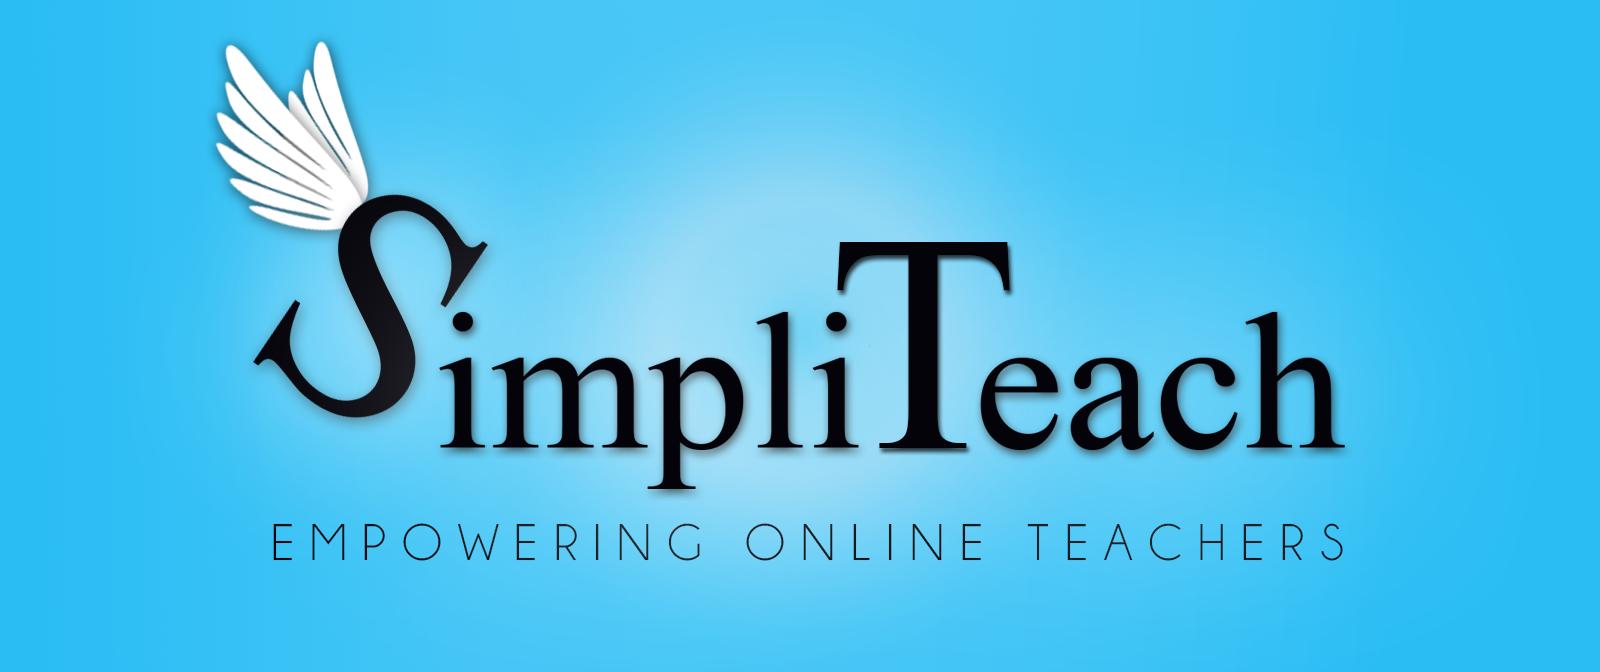 SimpliTeach logo